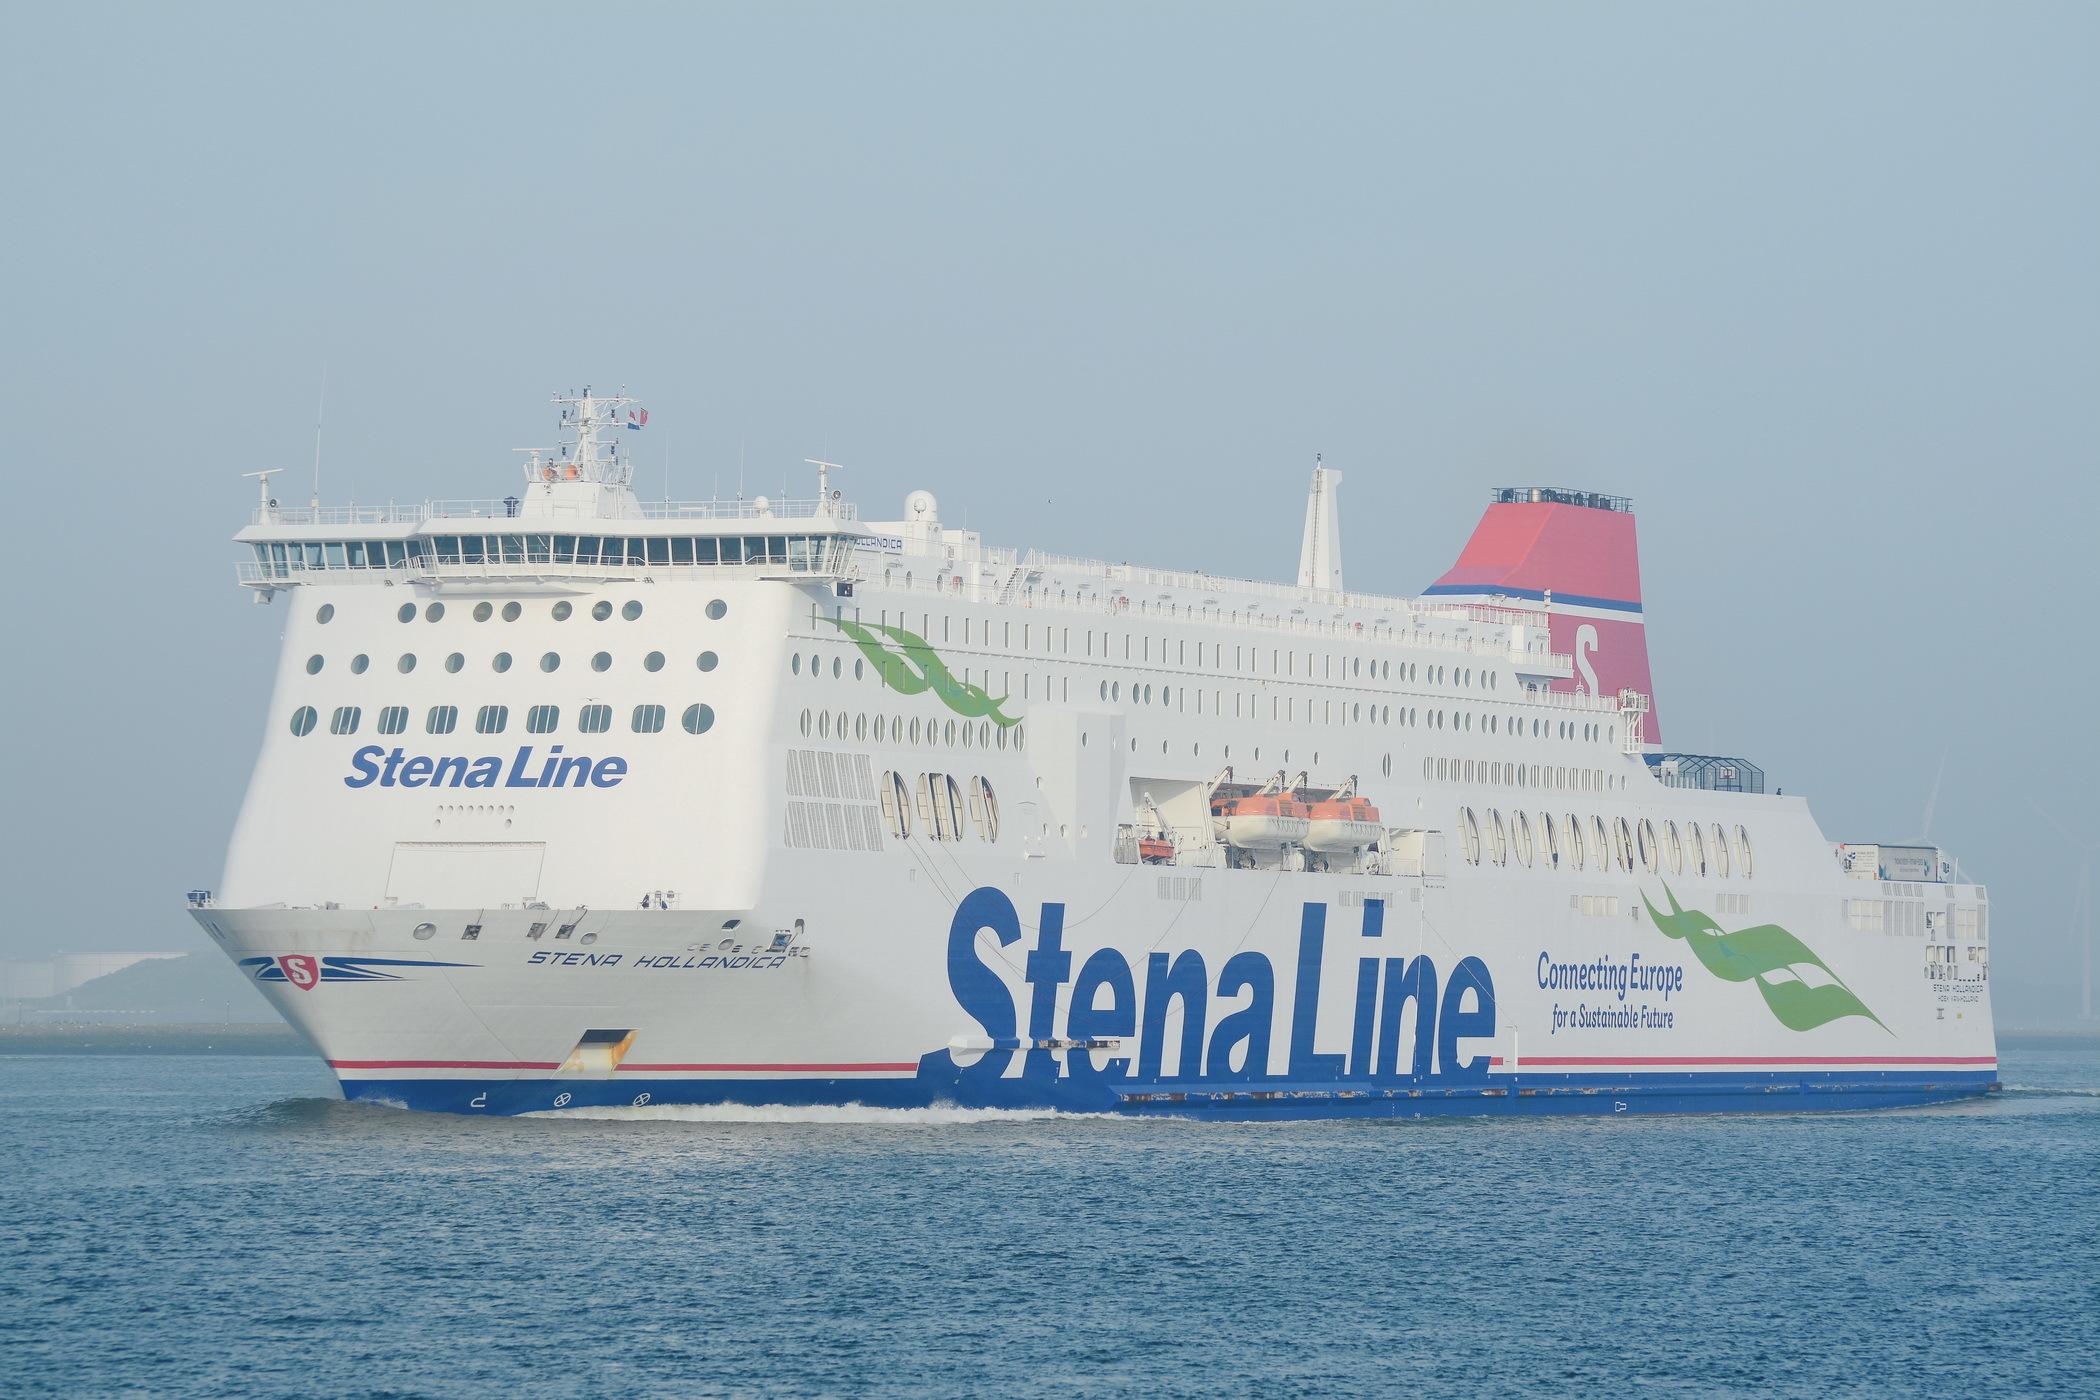 Stena Hollandica_06-05-17_Rotterdam_04.jpg